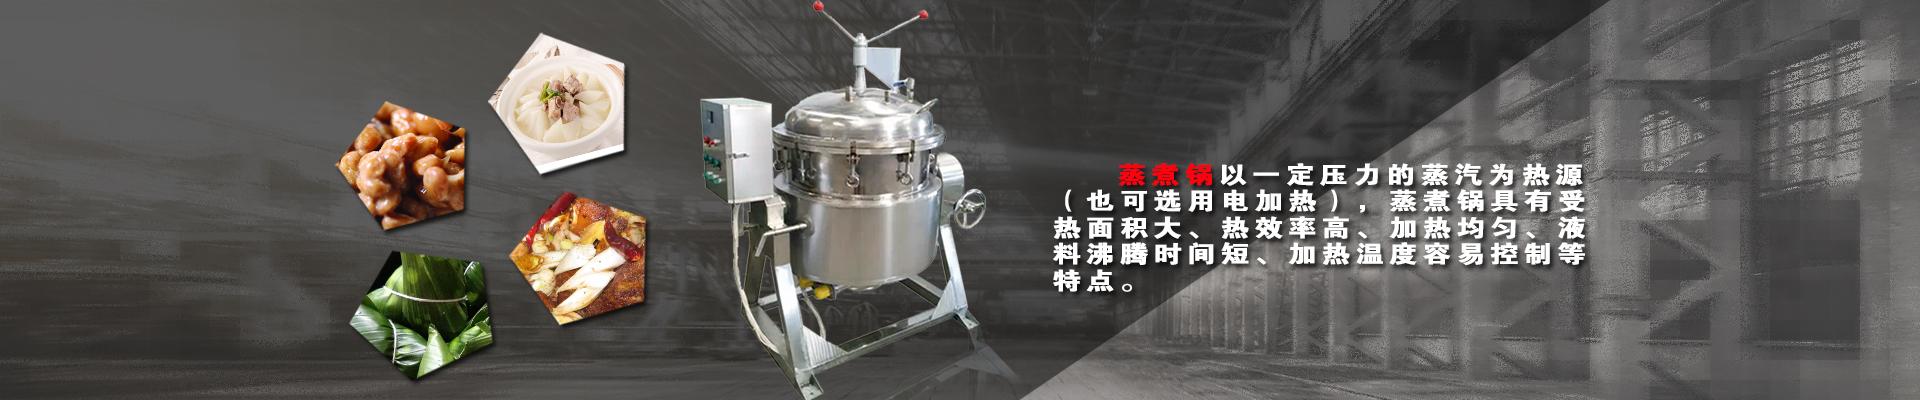 海参高压蒸煮锅